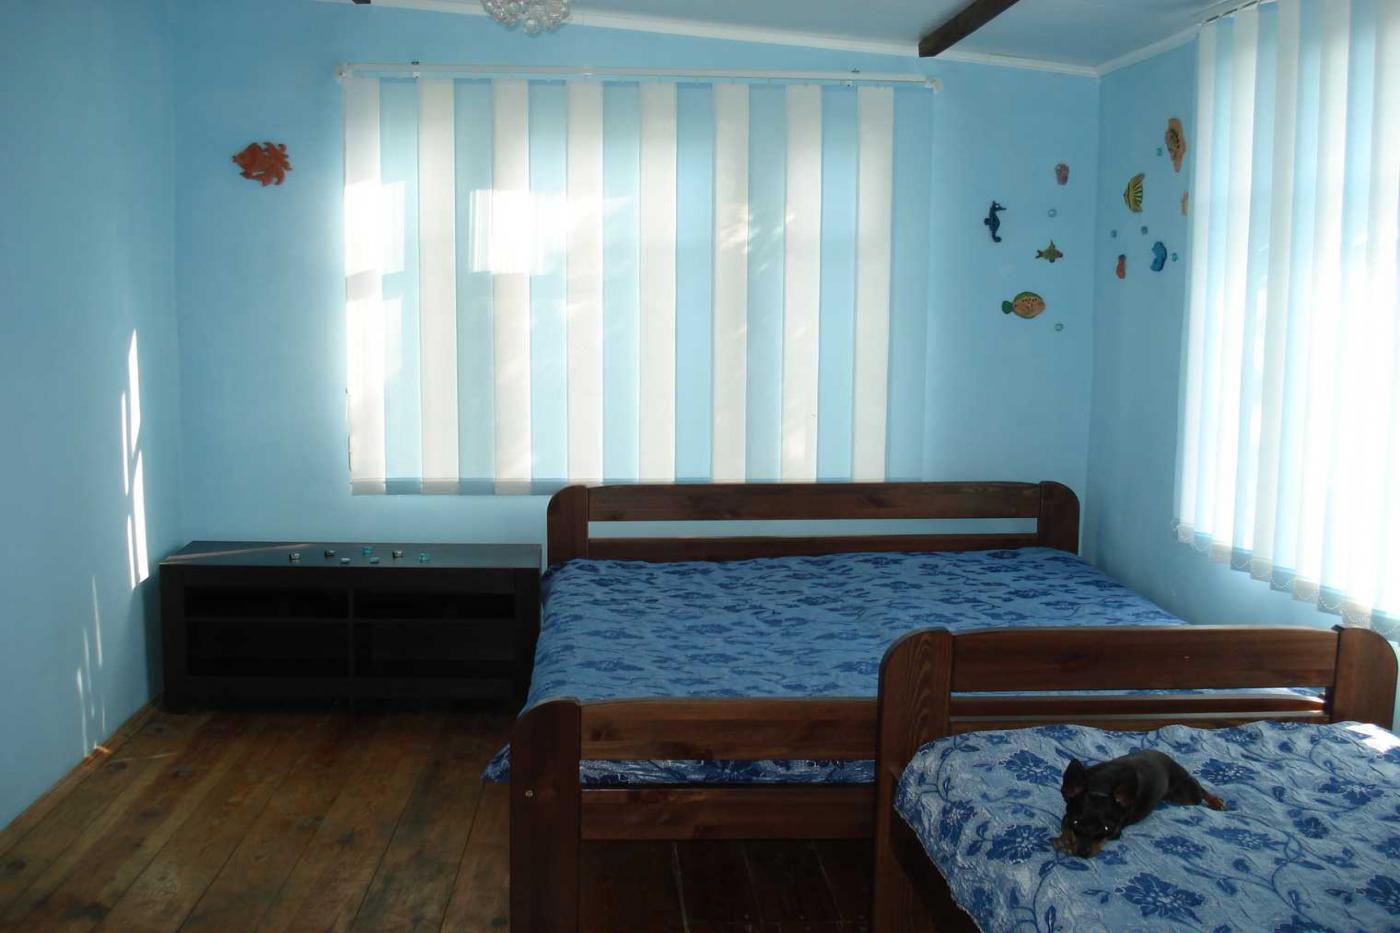 2-комнатная квартира посуточно (вариант № 876), ул. Кастрополь, ул. Кипарисная улица, фото № 9